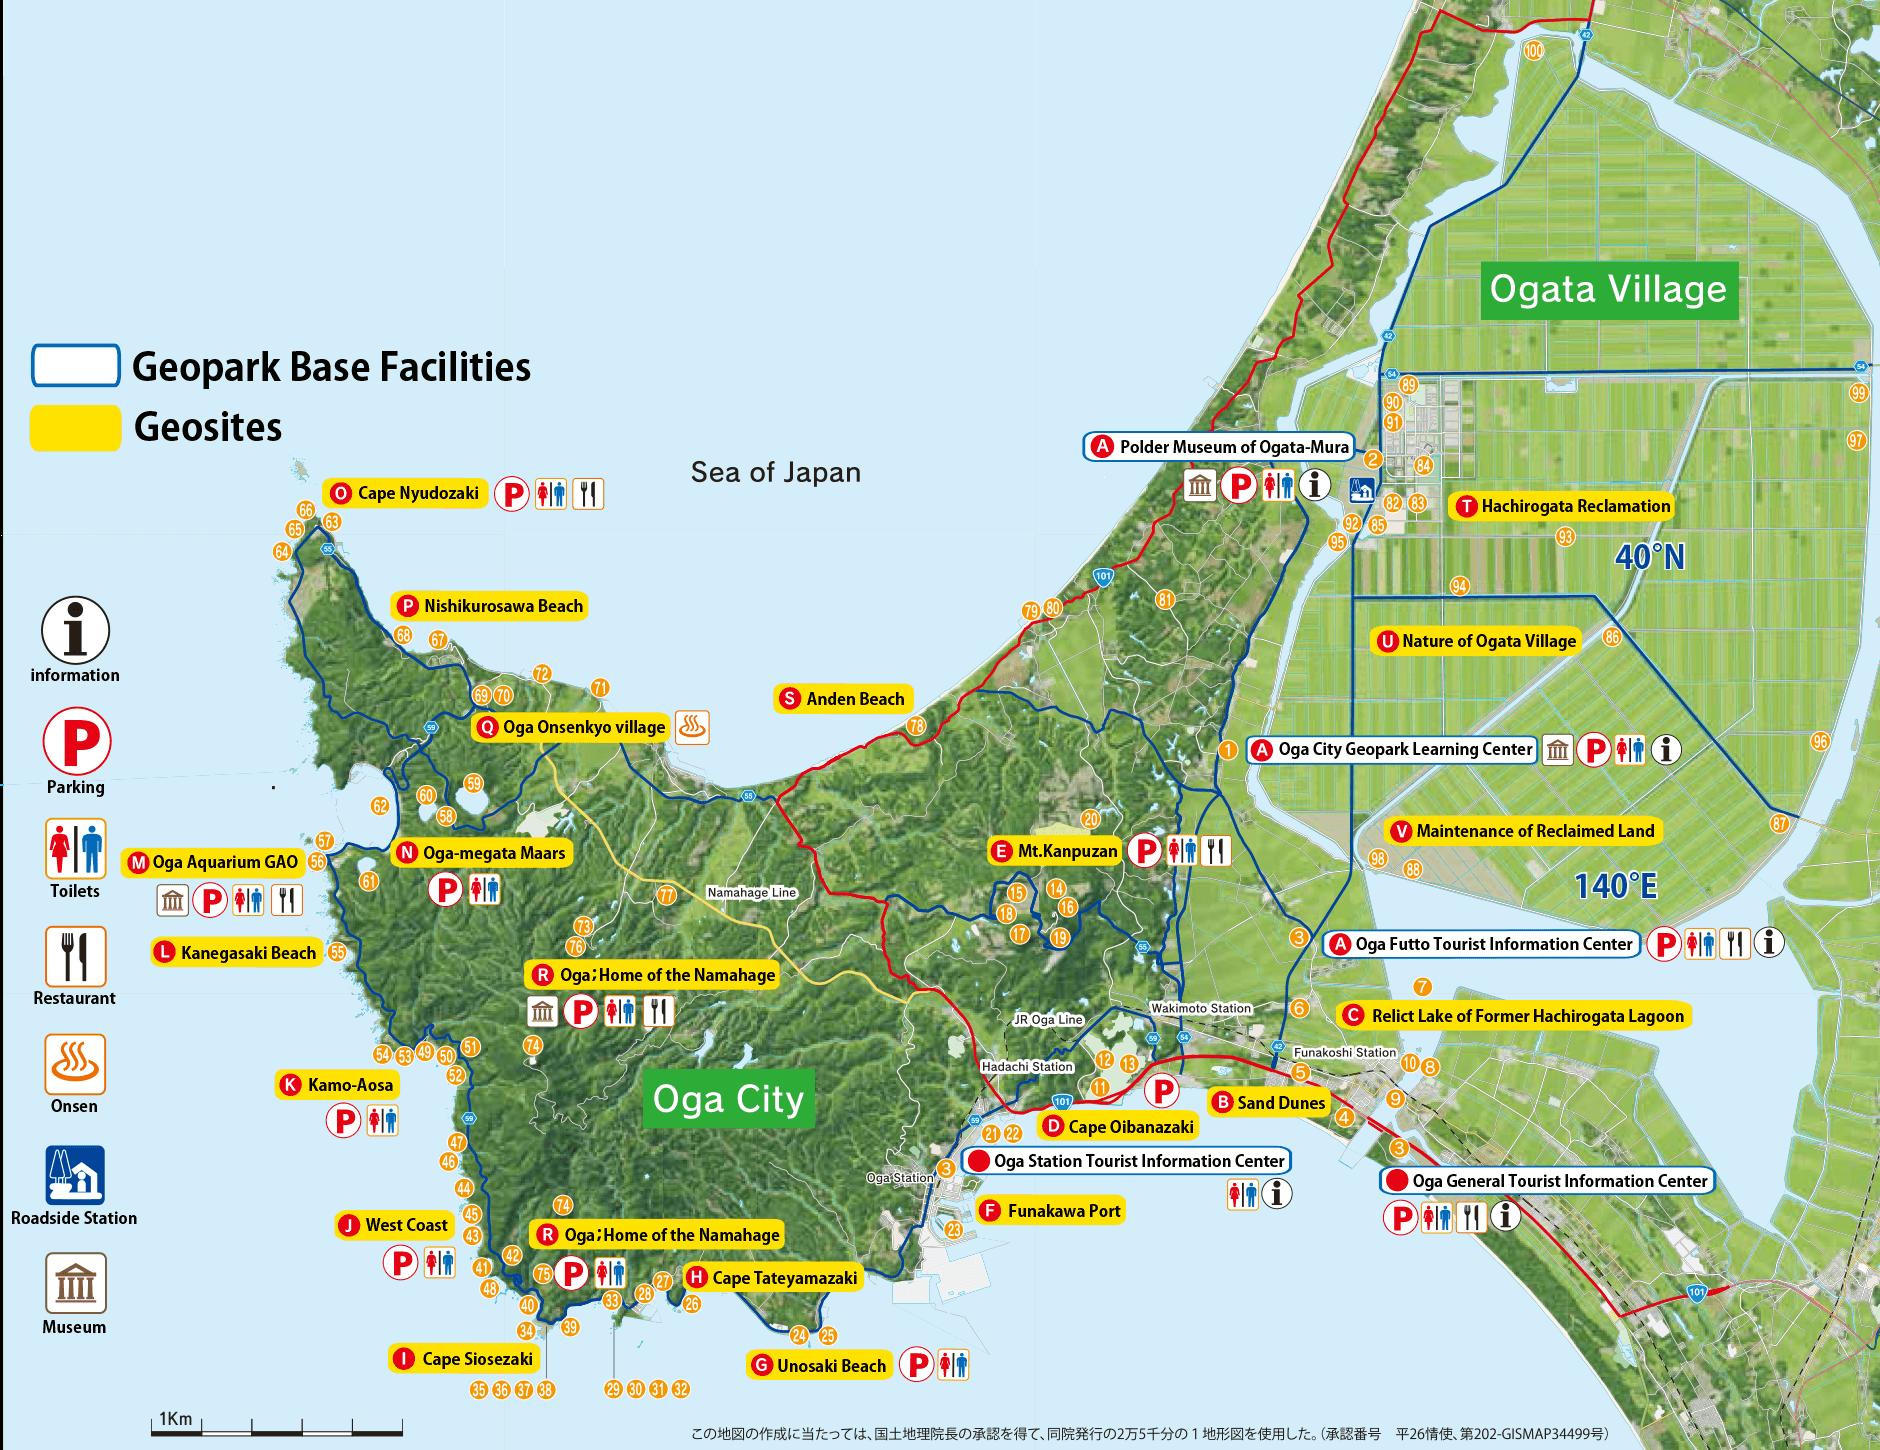 男鹿半島・大潟ジオパーク 拠点施設とジオサイトのマップ